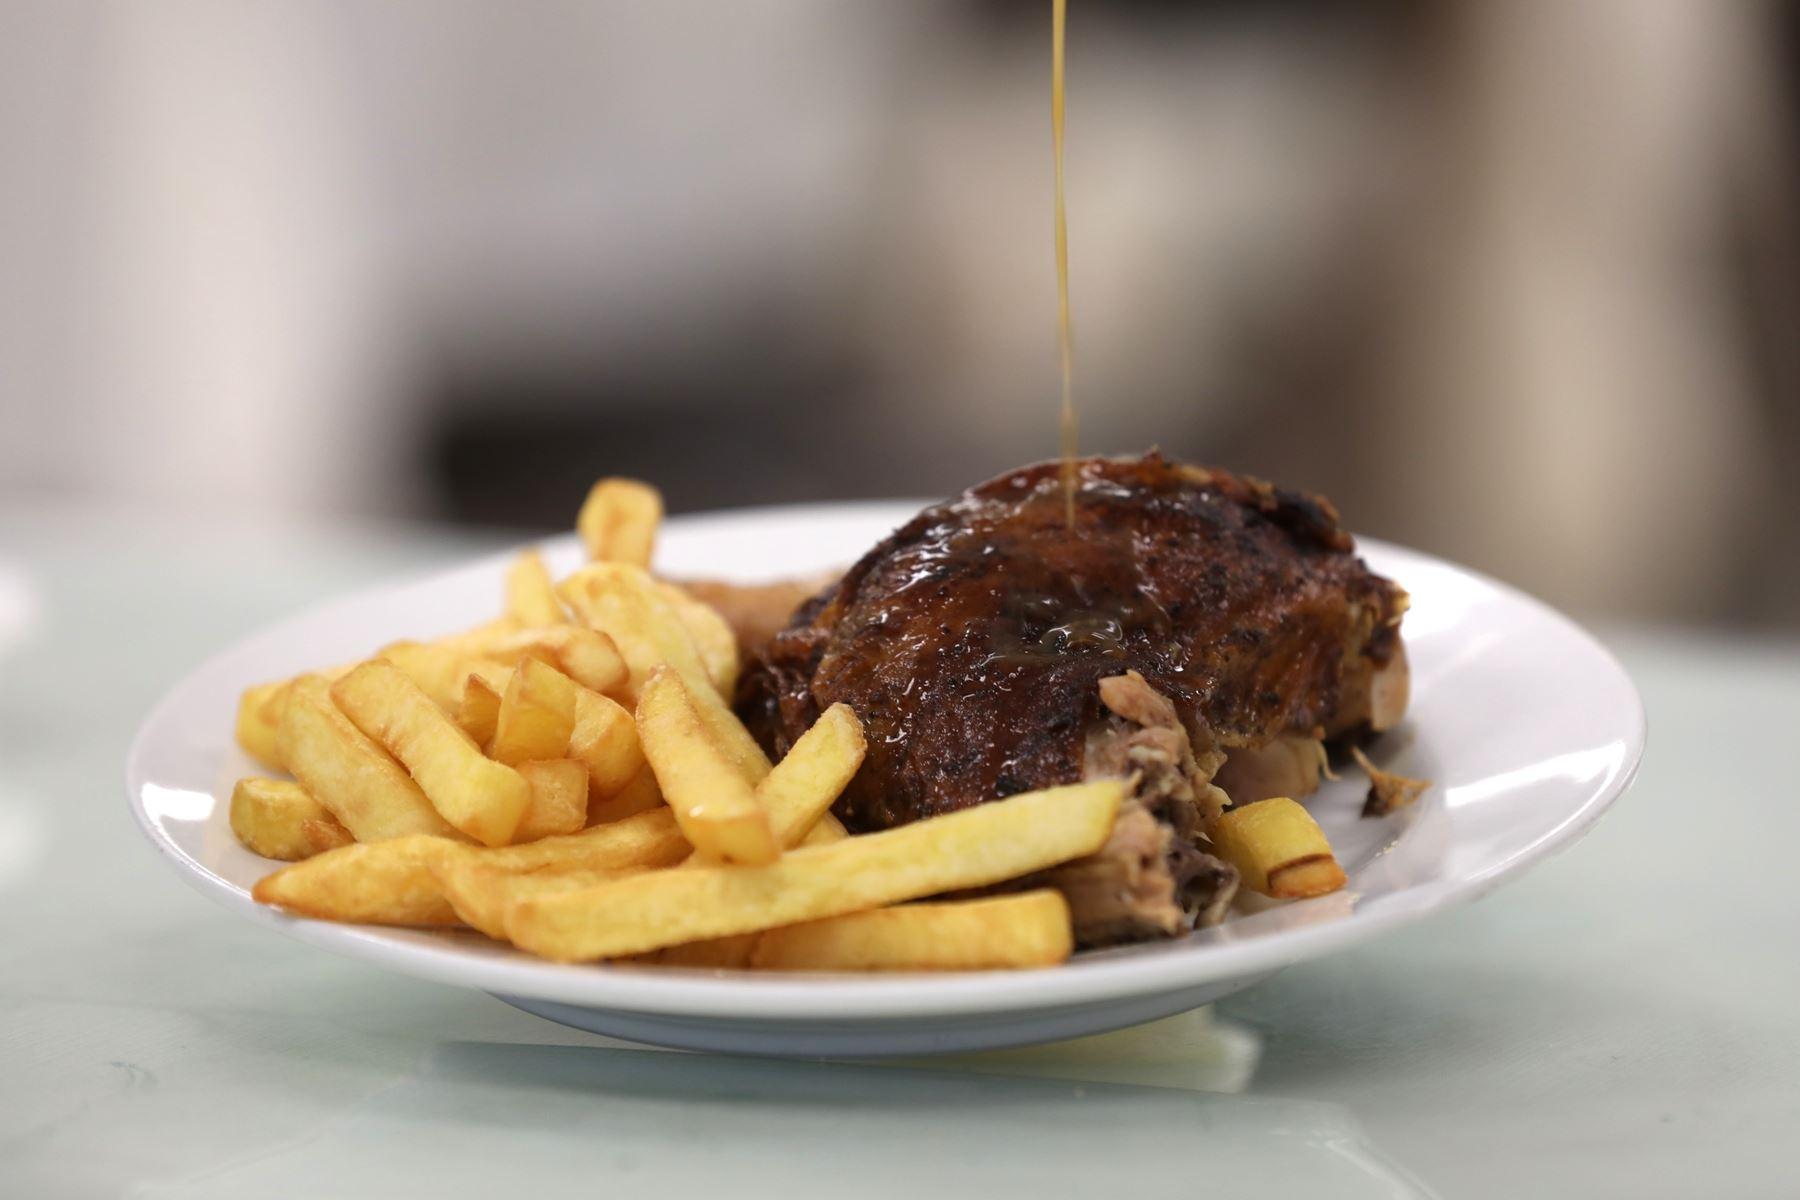 Día del Pollo a la Brasa: recomiendan no excederse en su consumo para evitar sobrepeso. Foto: ANDINA/EsSalud.